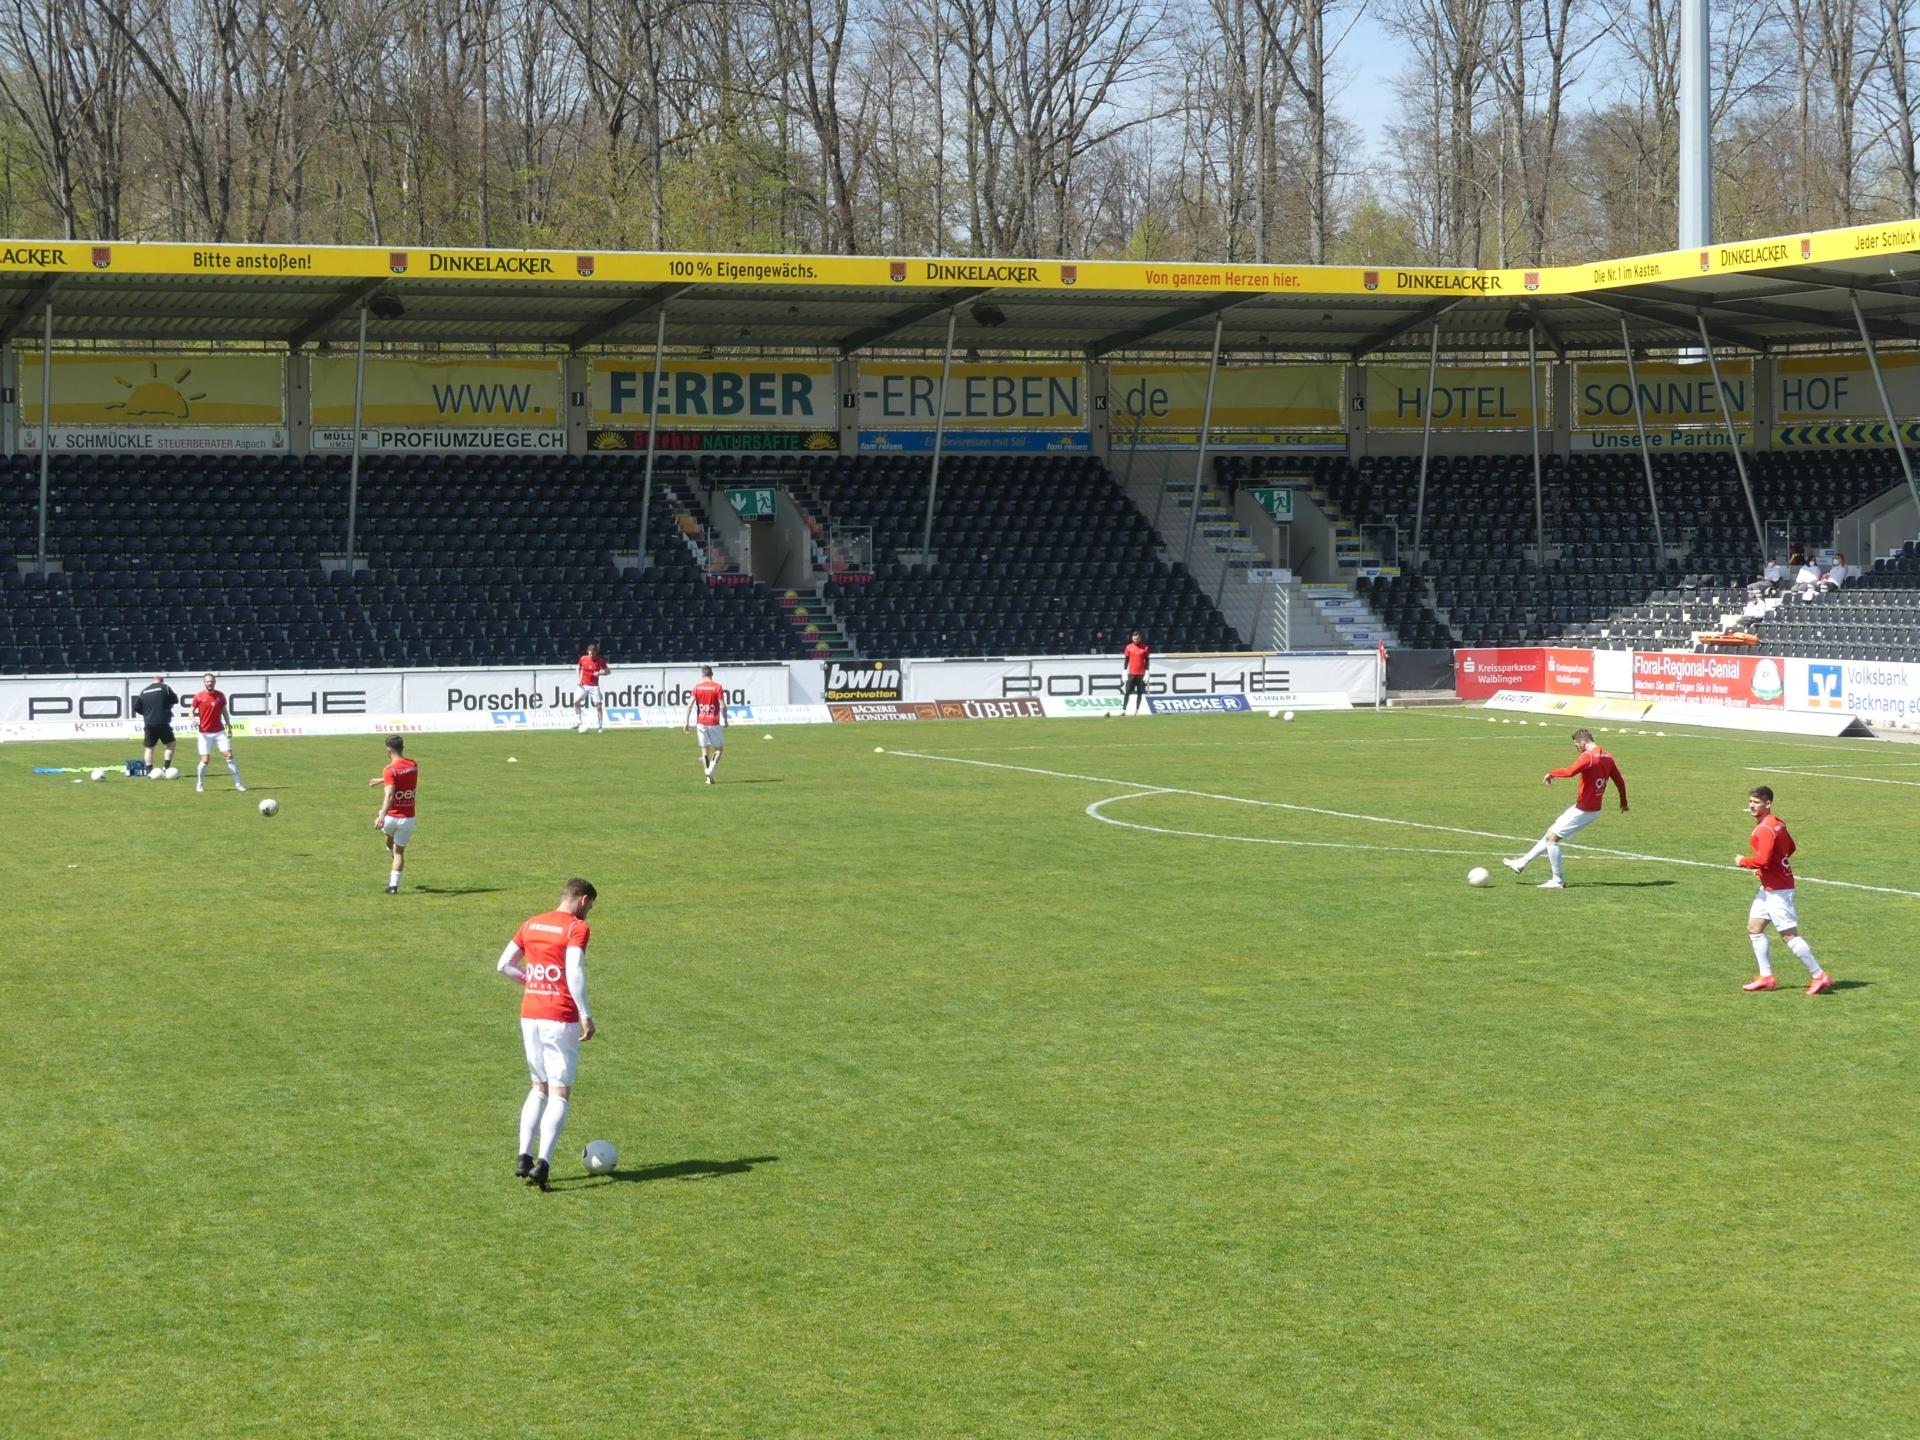 SG Sonnenhof Großaspach - KSV